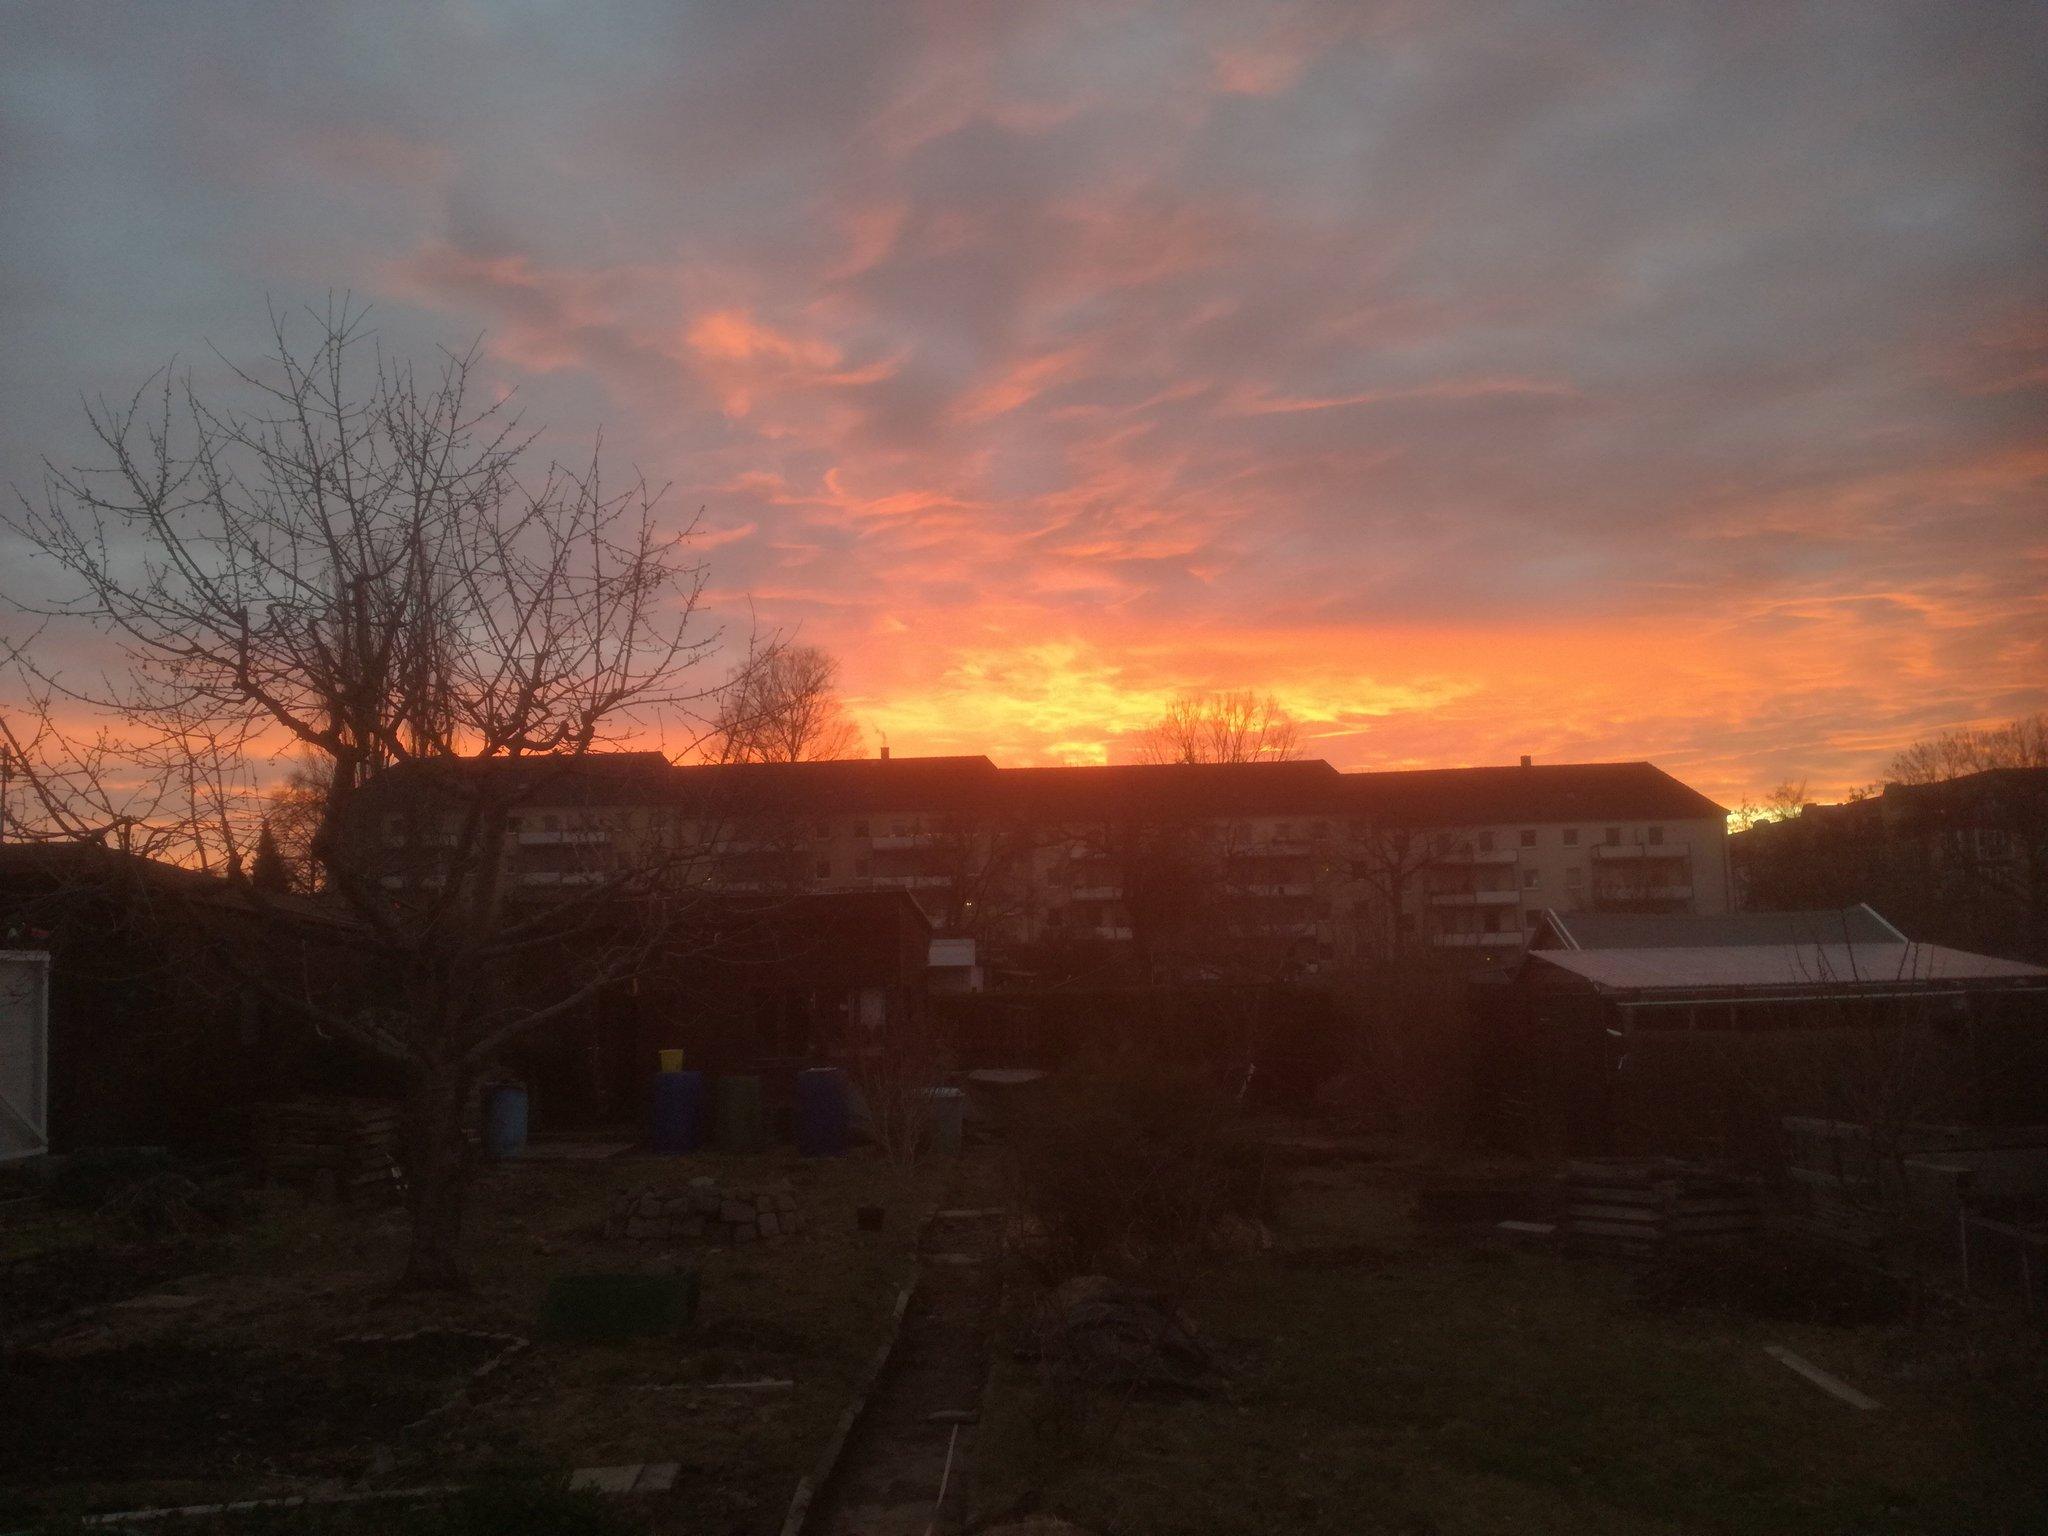 Sonnenuntergang über den Hausdächern, der Garten im Vordergrund